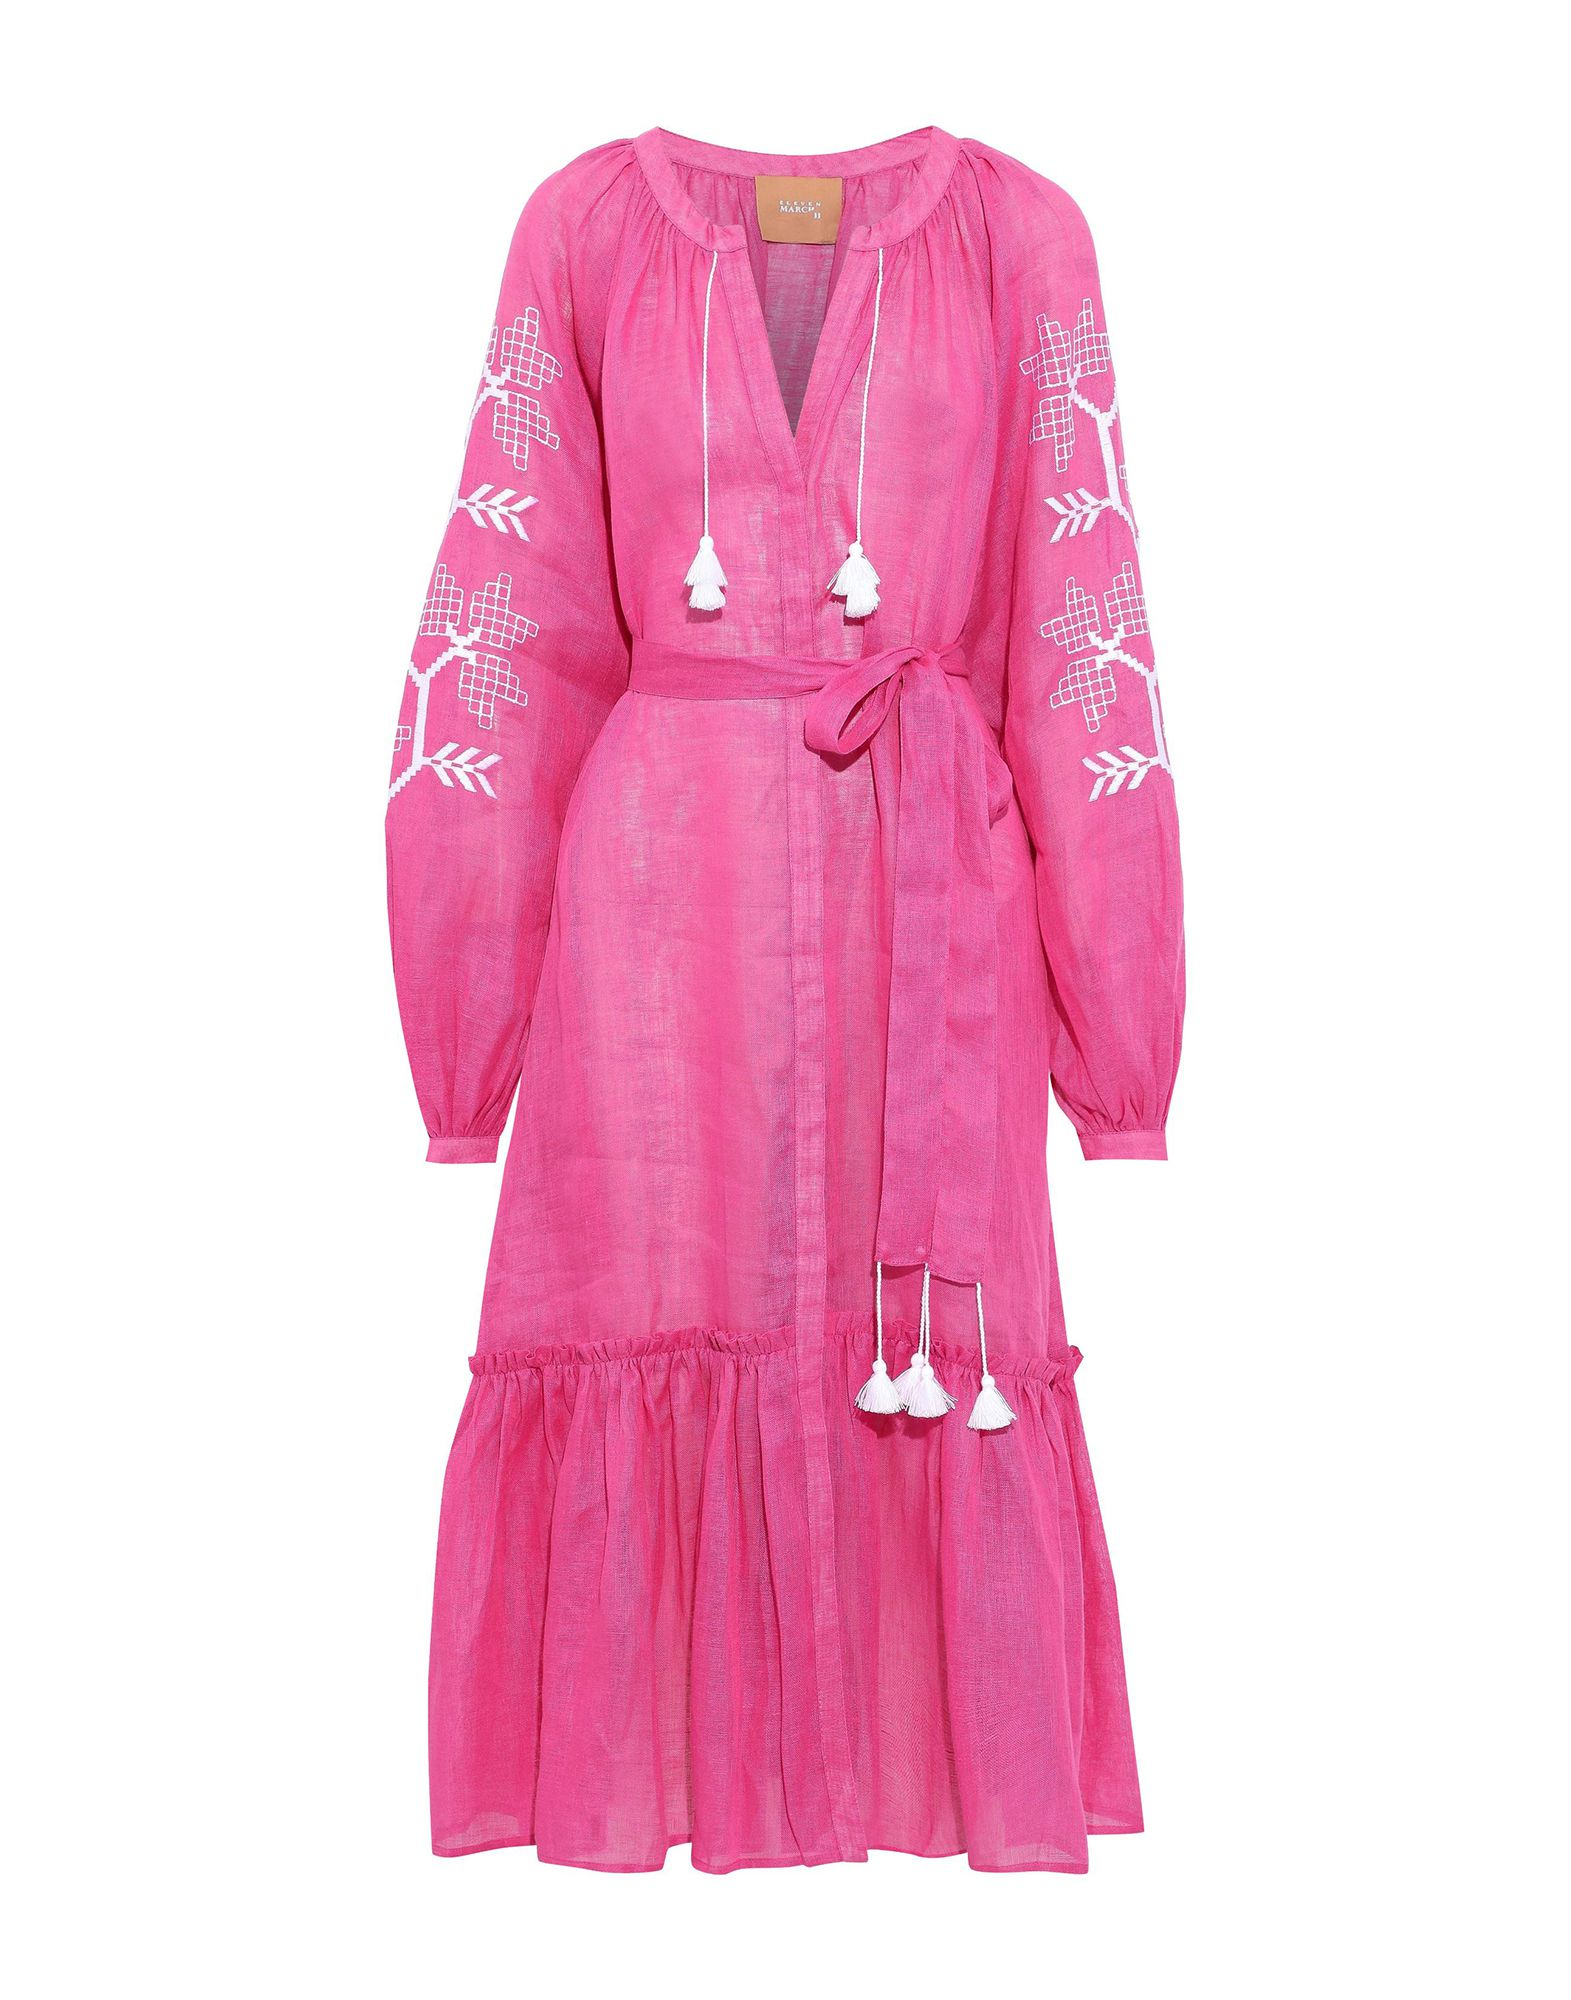 ELEVEN MARCH11 Платье длиной 3/4